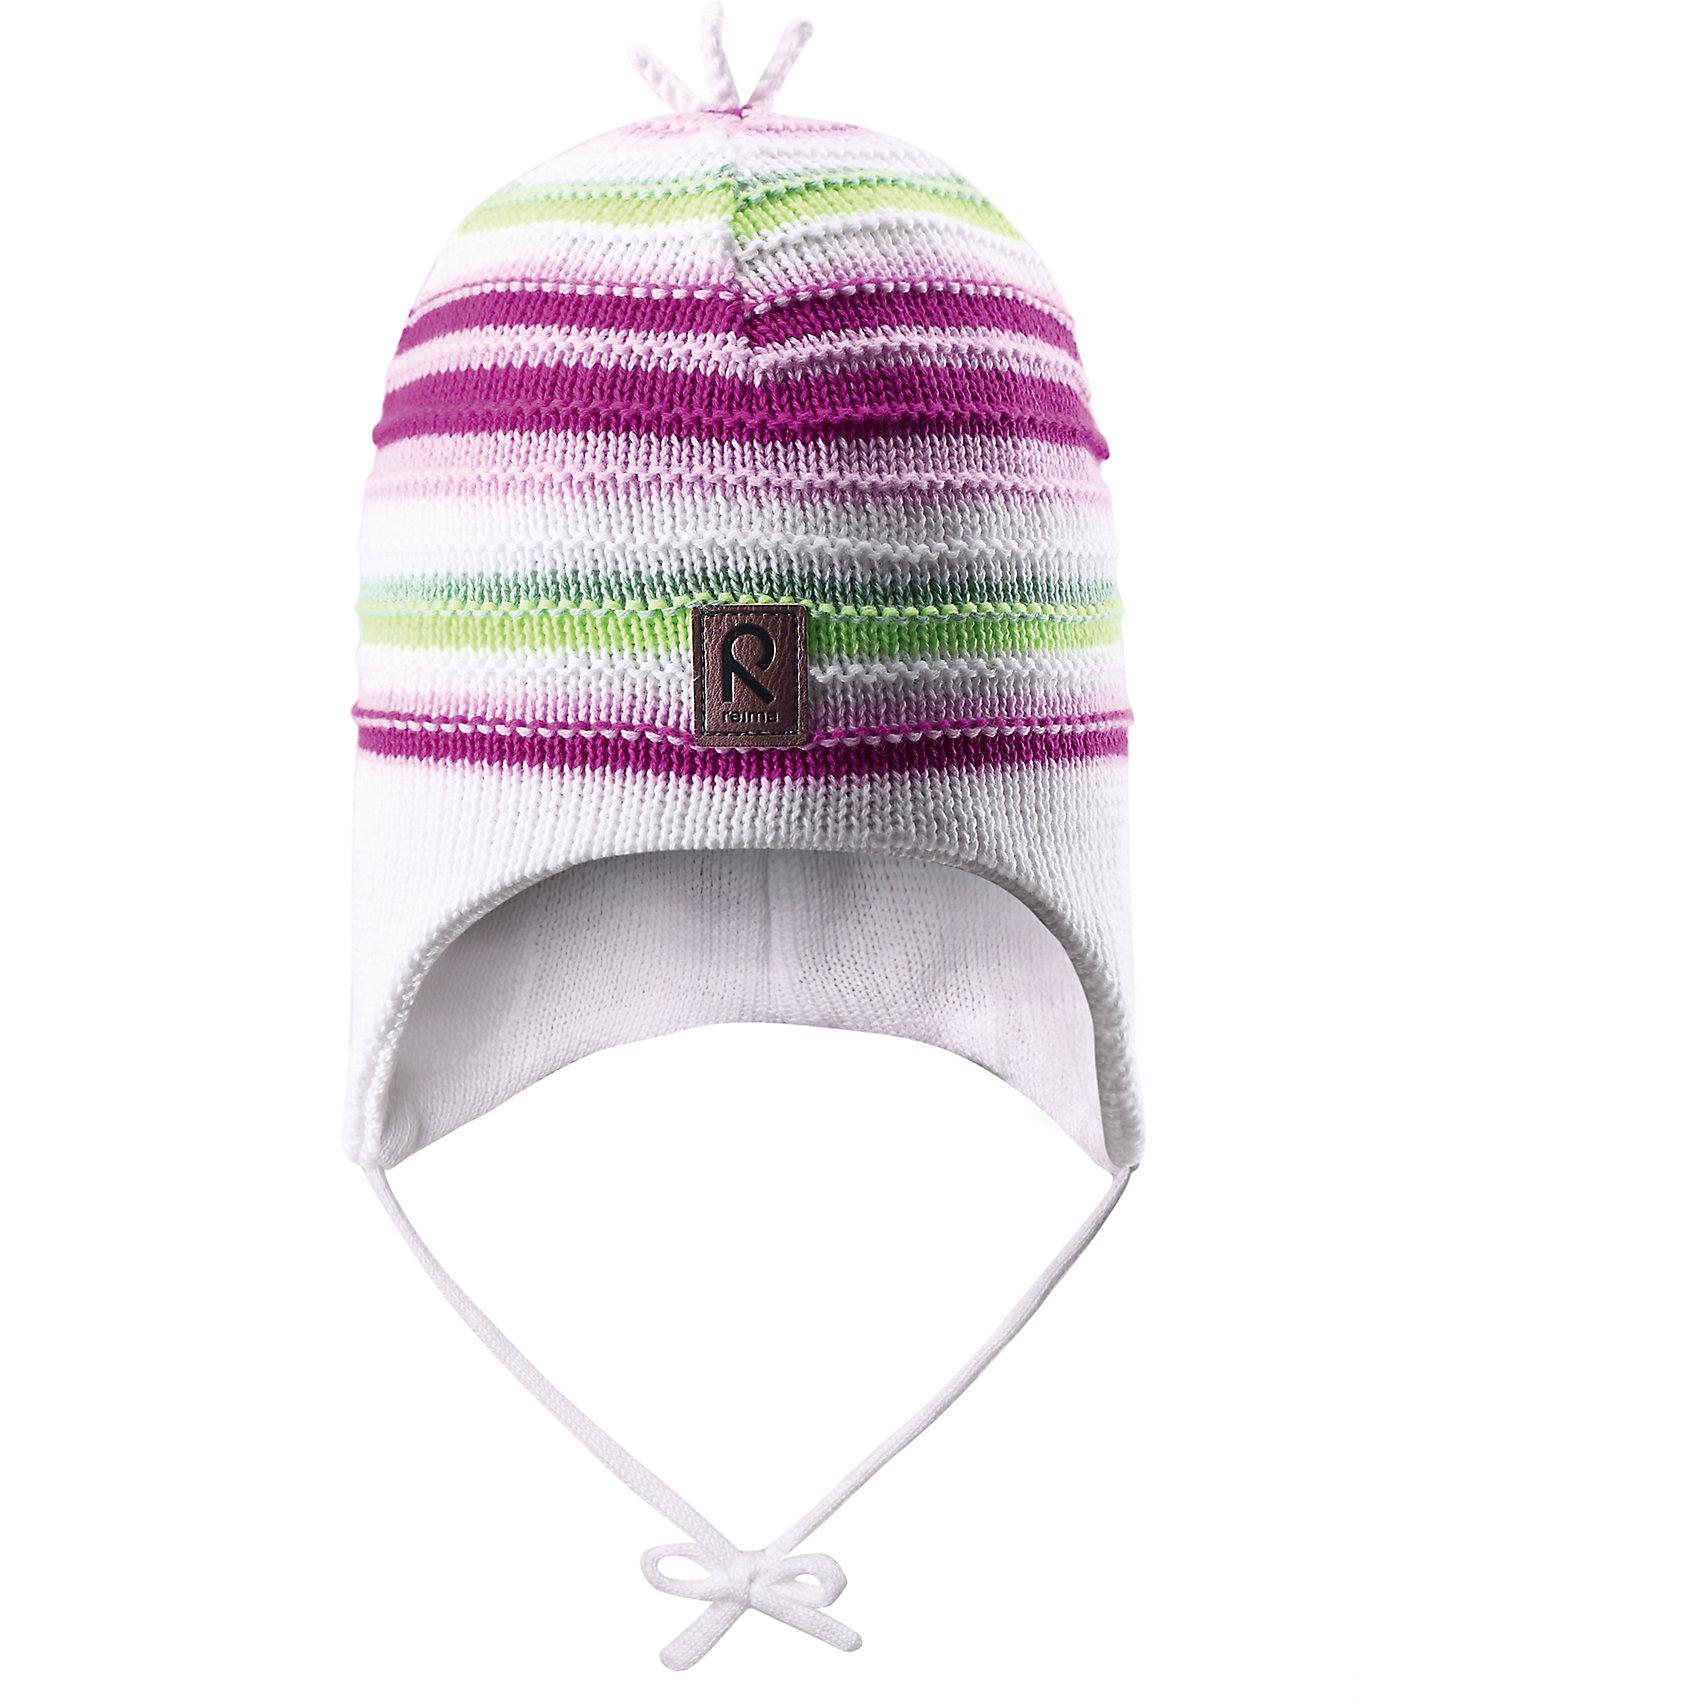 Шапка для девочки ReimaШапки и шарфы<br>Весне мы дарим свежесть красок! Эта веселая полосатая шапочка для малышей — идеальный выбор для теплых весенних деньков. Она изготовлена из мягкого вязаного хлопка и имеет ветронепроницаемые вставки, которые обеспечат ушкам надежную защиту. <br><br>Дополнительная информация:<br><br>Шапка «Бини» для малышей<br>Эластичная хлопчатобумажная ткань<br>Ветронепроницаемые вставки в области ушей<br>Частичная подкладка: хлопчатобумажная ткань<br>Логотип Reima® спереди<br>Состав:<br>100% хлопок<br>Уход:<br>Стирать по отдельности, вывернув наизнанку. Придать первоначальную форму вo влажном виде. Возможна усадка 5 %.<br><br>Ширина мм: 89<br>Глубина мм: 117<br>Высота мм: 44<br>Вес г: 155<br>Цвет: белый<br>Возраст от месяцев: 9<br>Возраст до месяцев: 12<br>Пол: Женский<br>Возраст: Детский<br>Размер: 46,48,52,50<br>SKU: 4498050